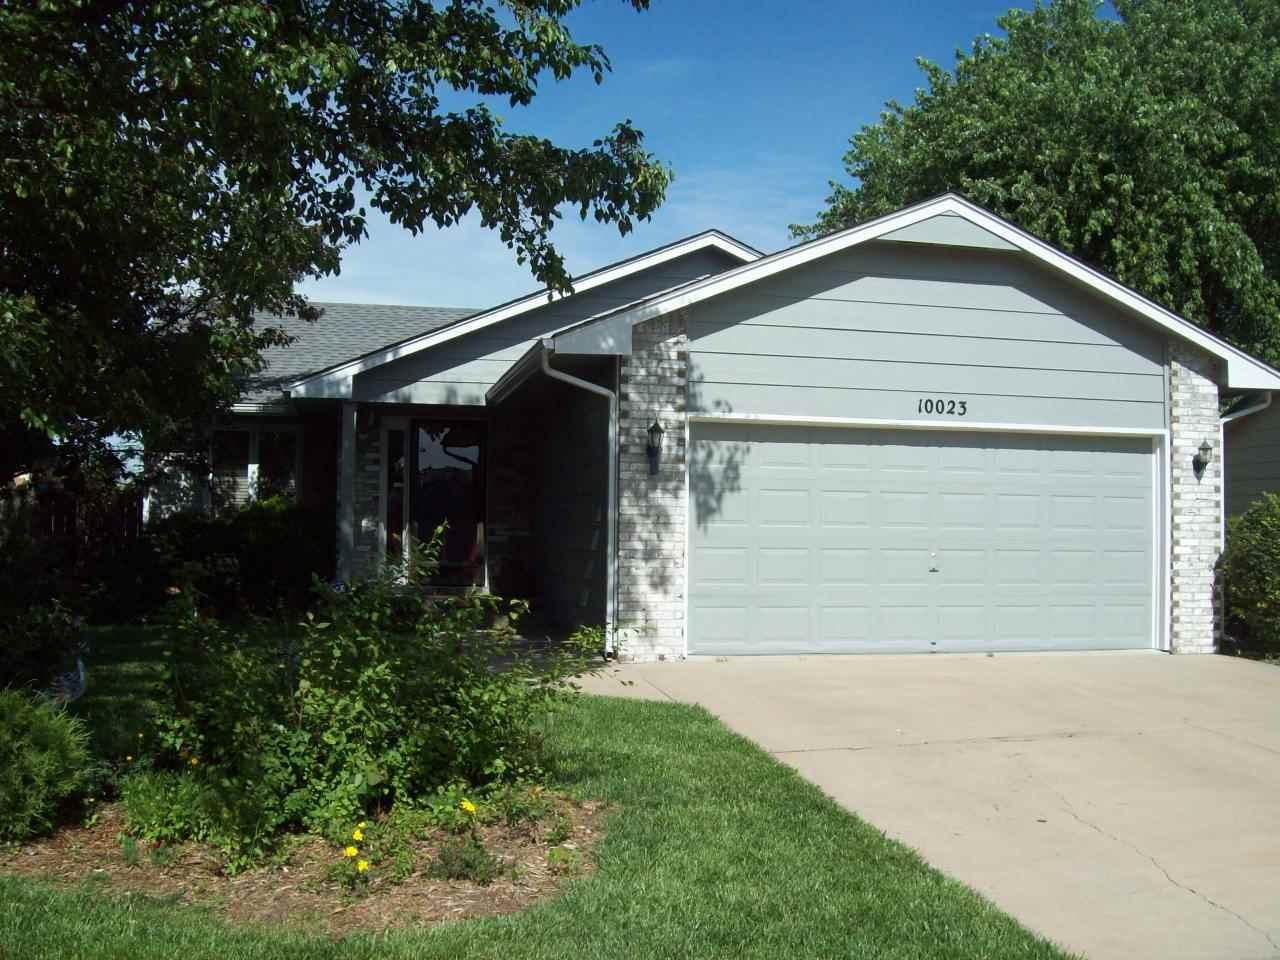 10023 Funston, Wichita, KS 67207